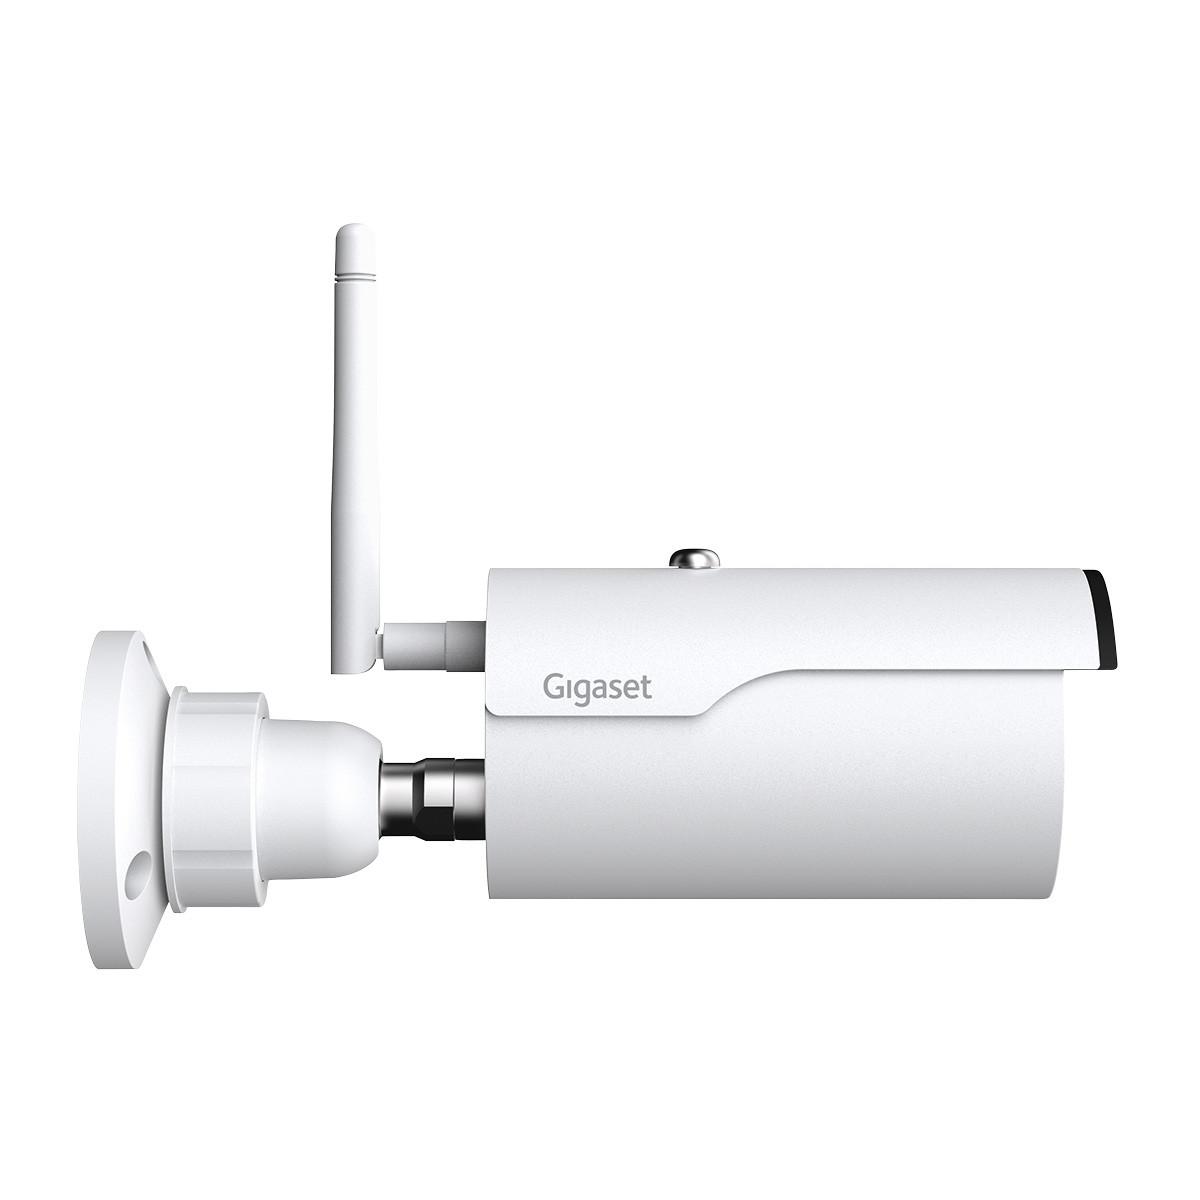 Gigaset outdoor camera